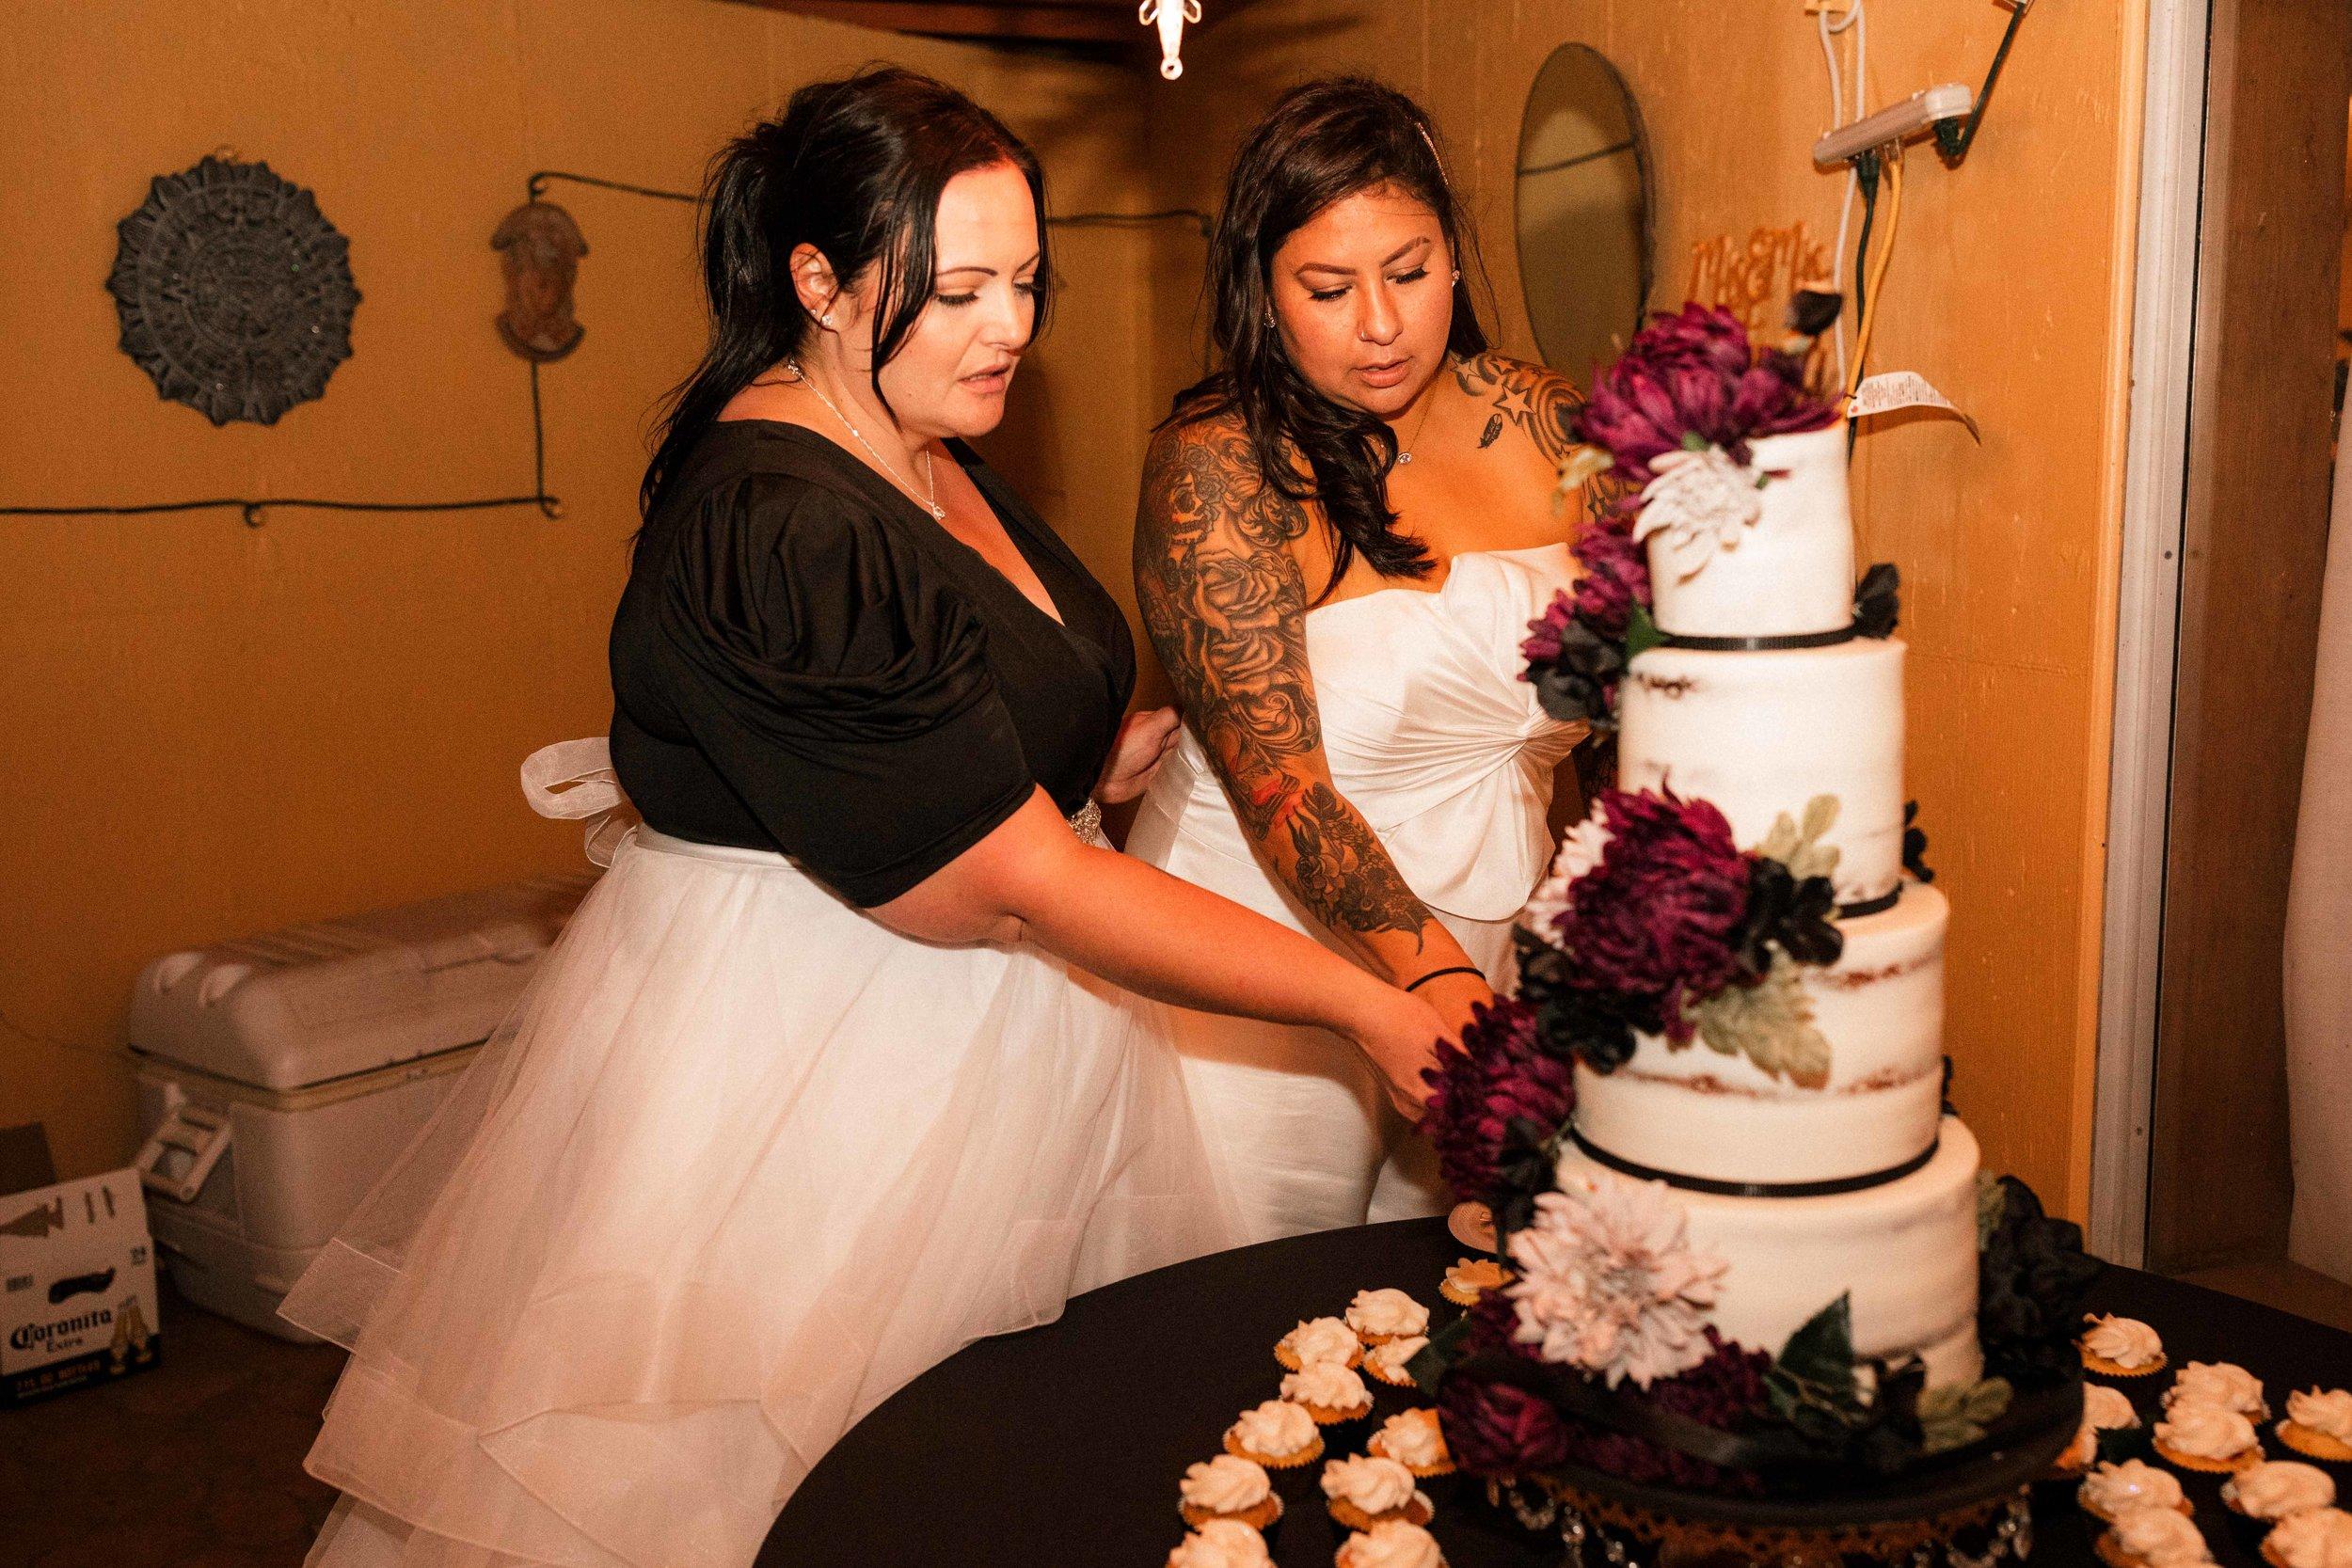 pasco-wedding-photos-65.jpg